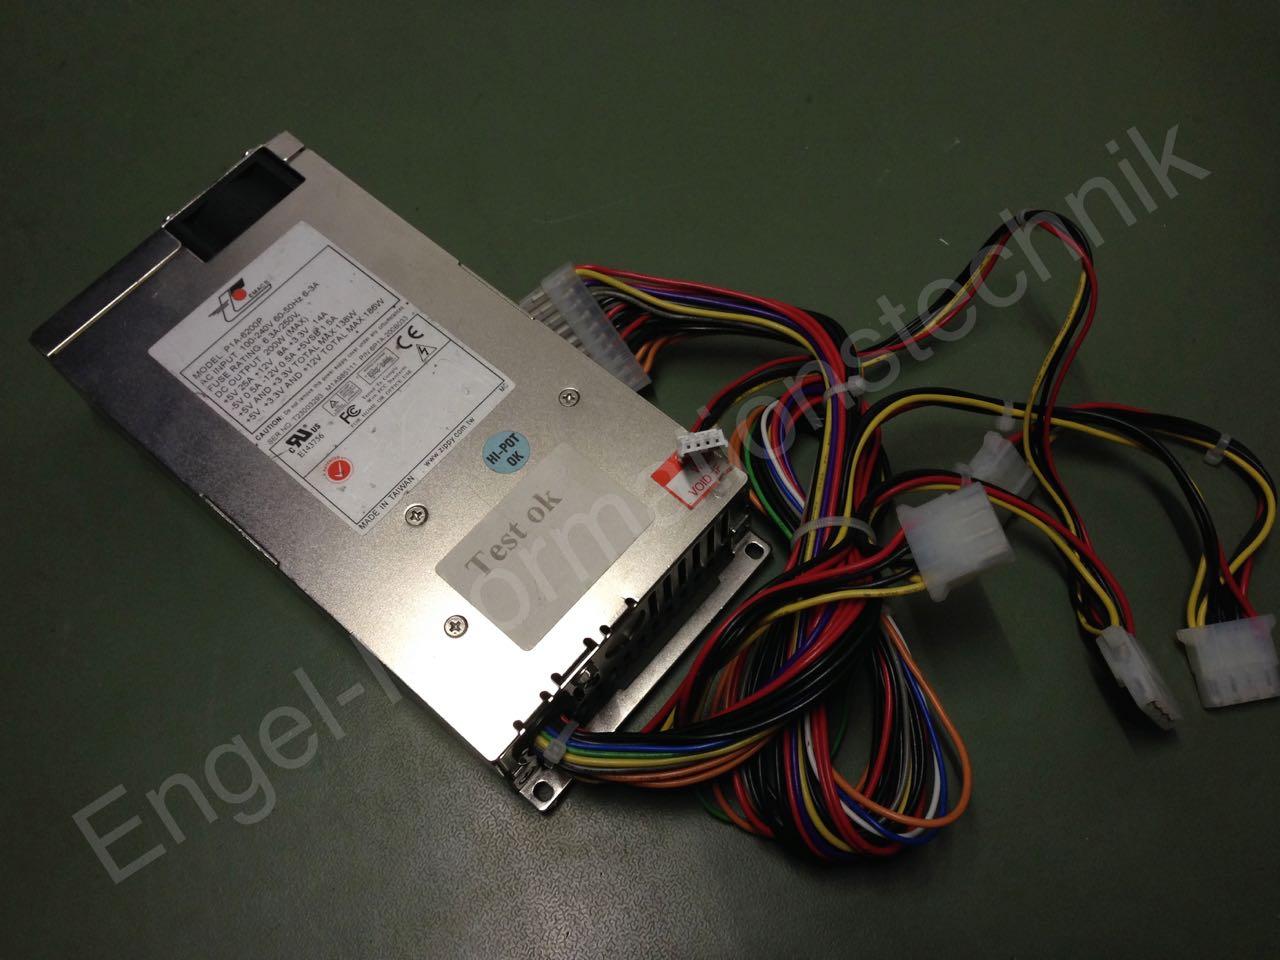 Emacs P1A-6200P